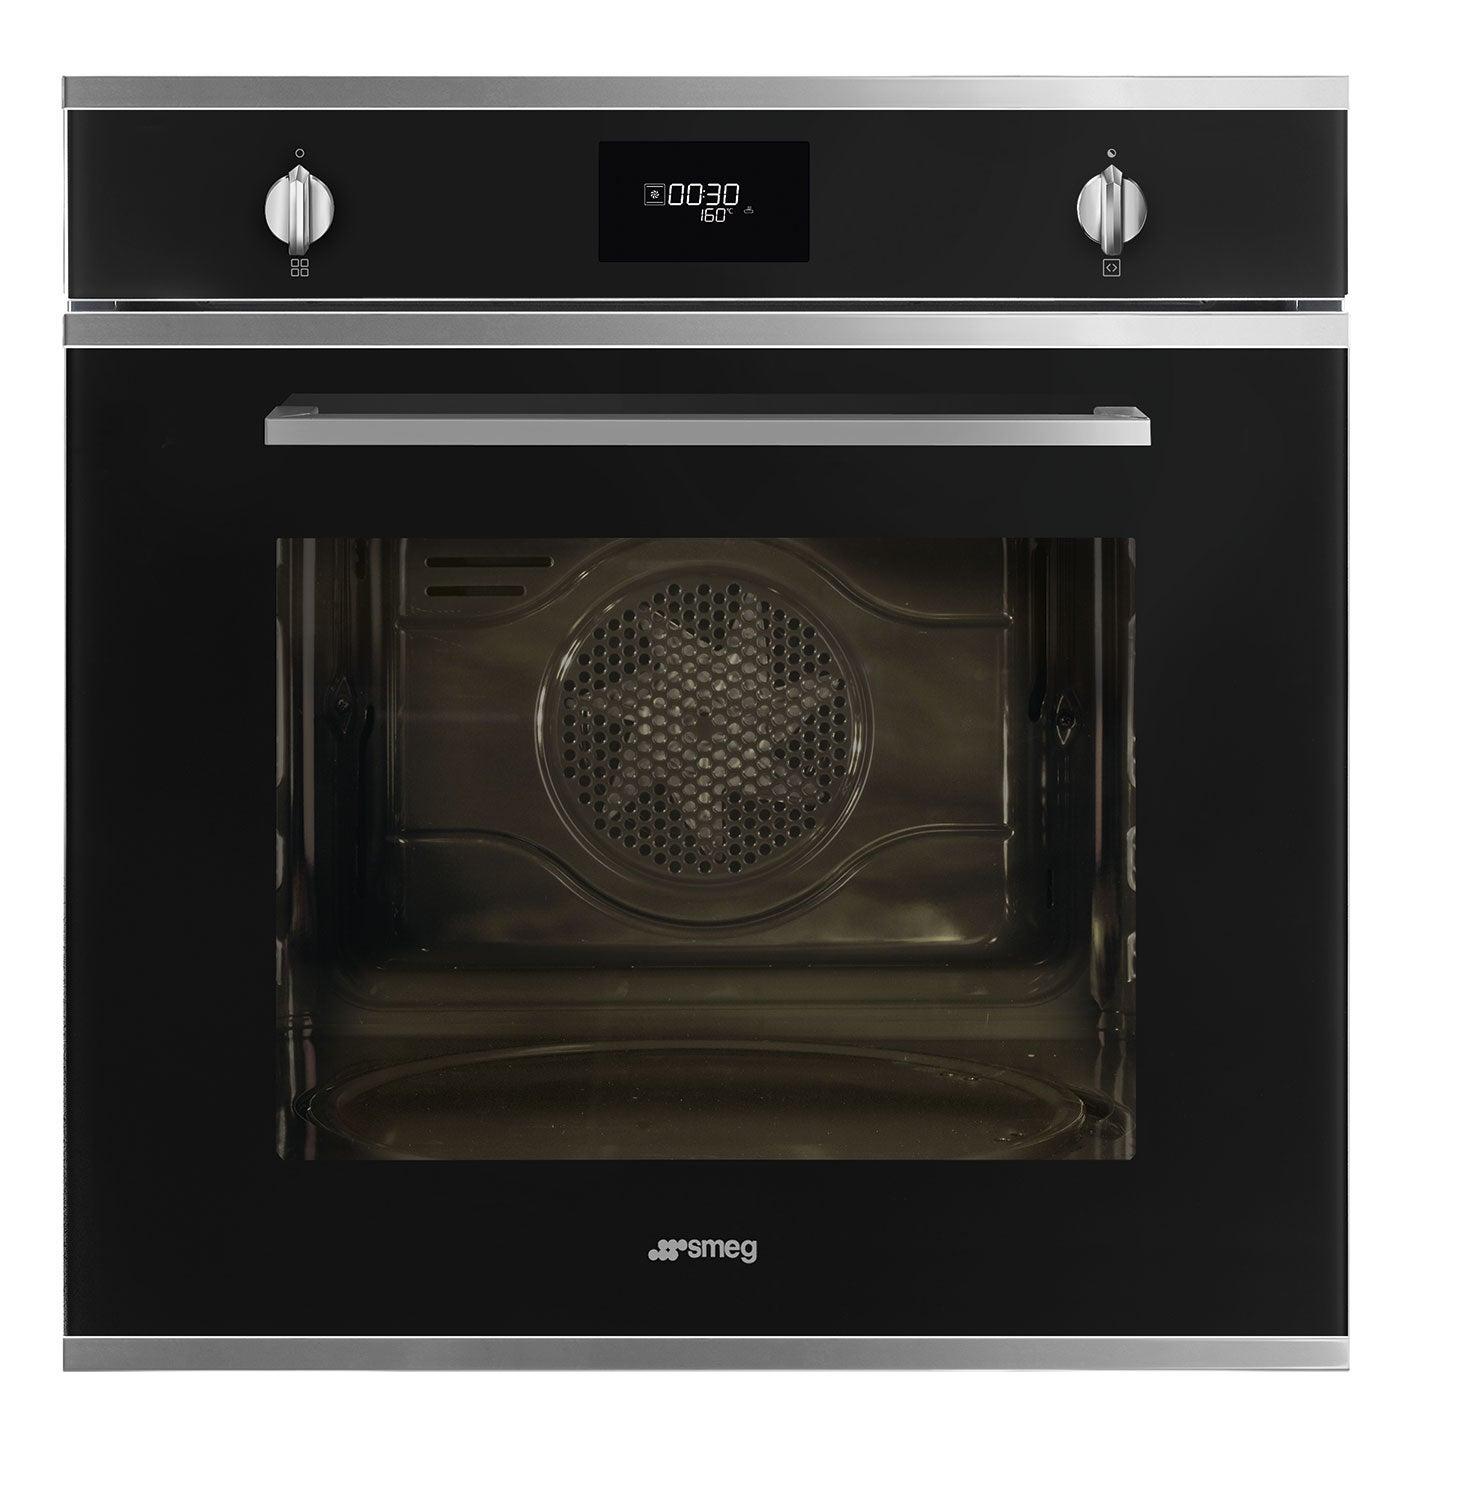 Smeg SFP6401TVN1 Oven